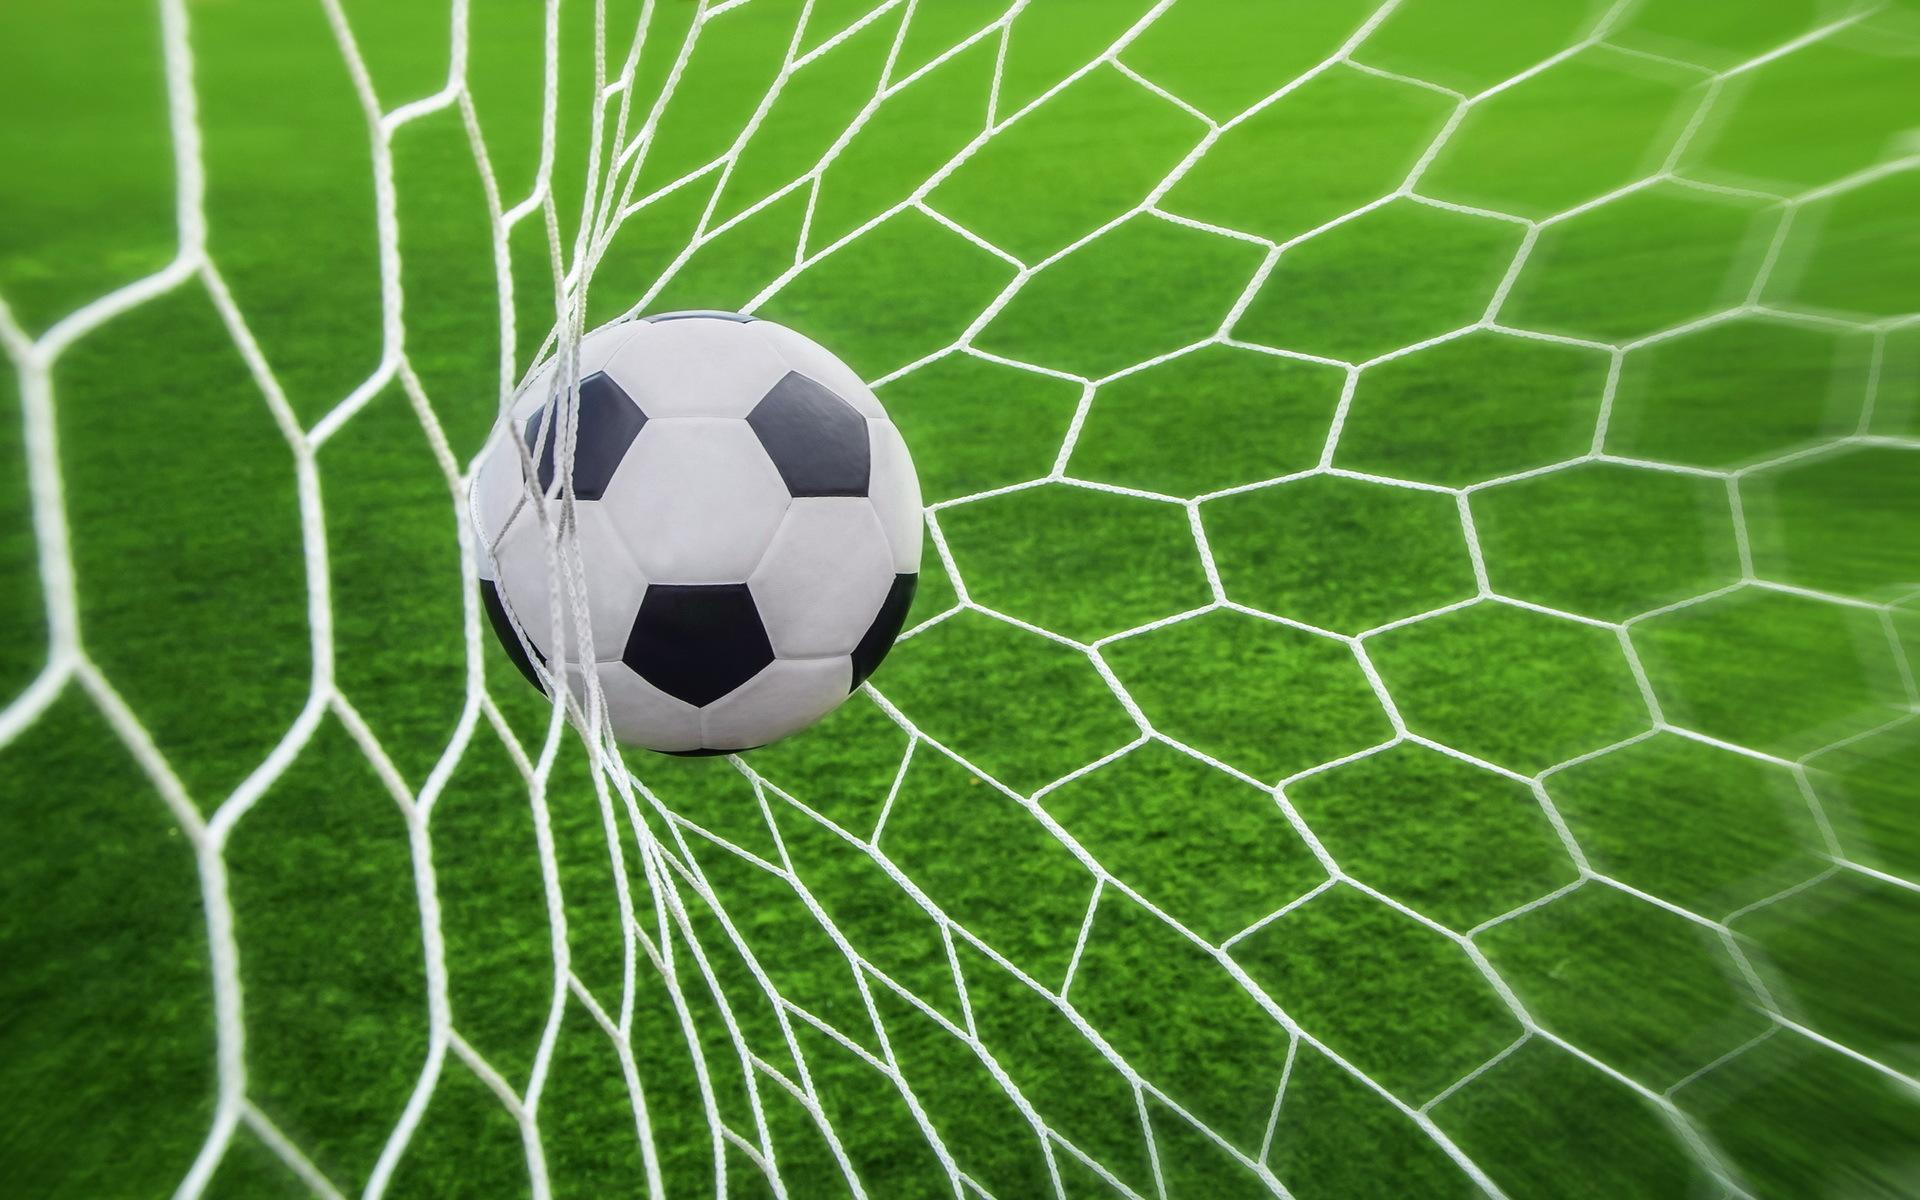 قائمة الأندية التي سجلت أكثر من 6 ألاف هدف في مسابقة الدوري